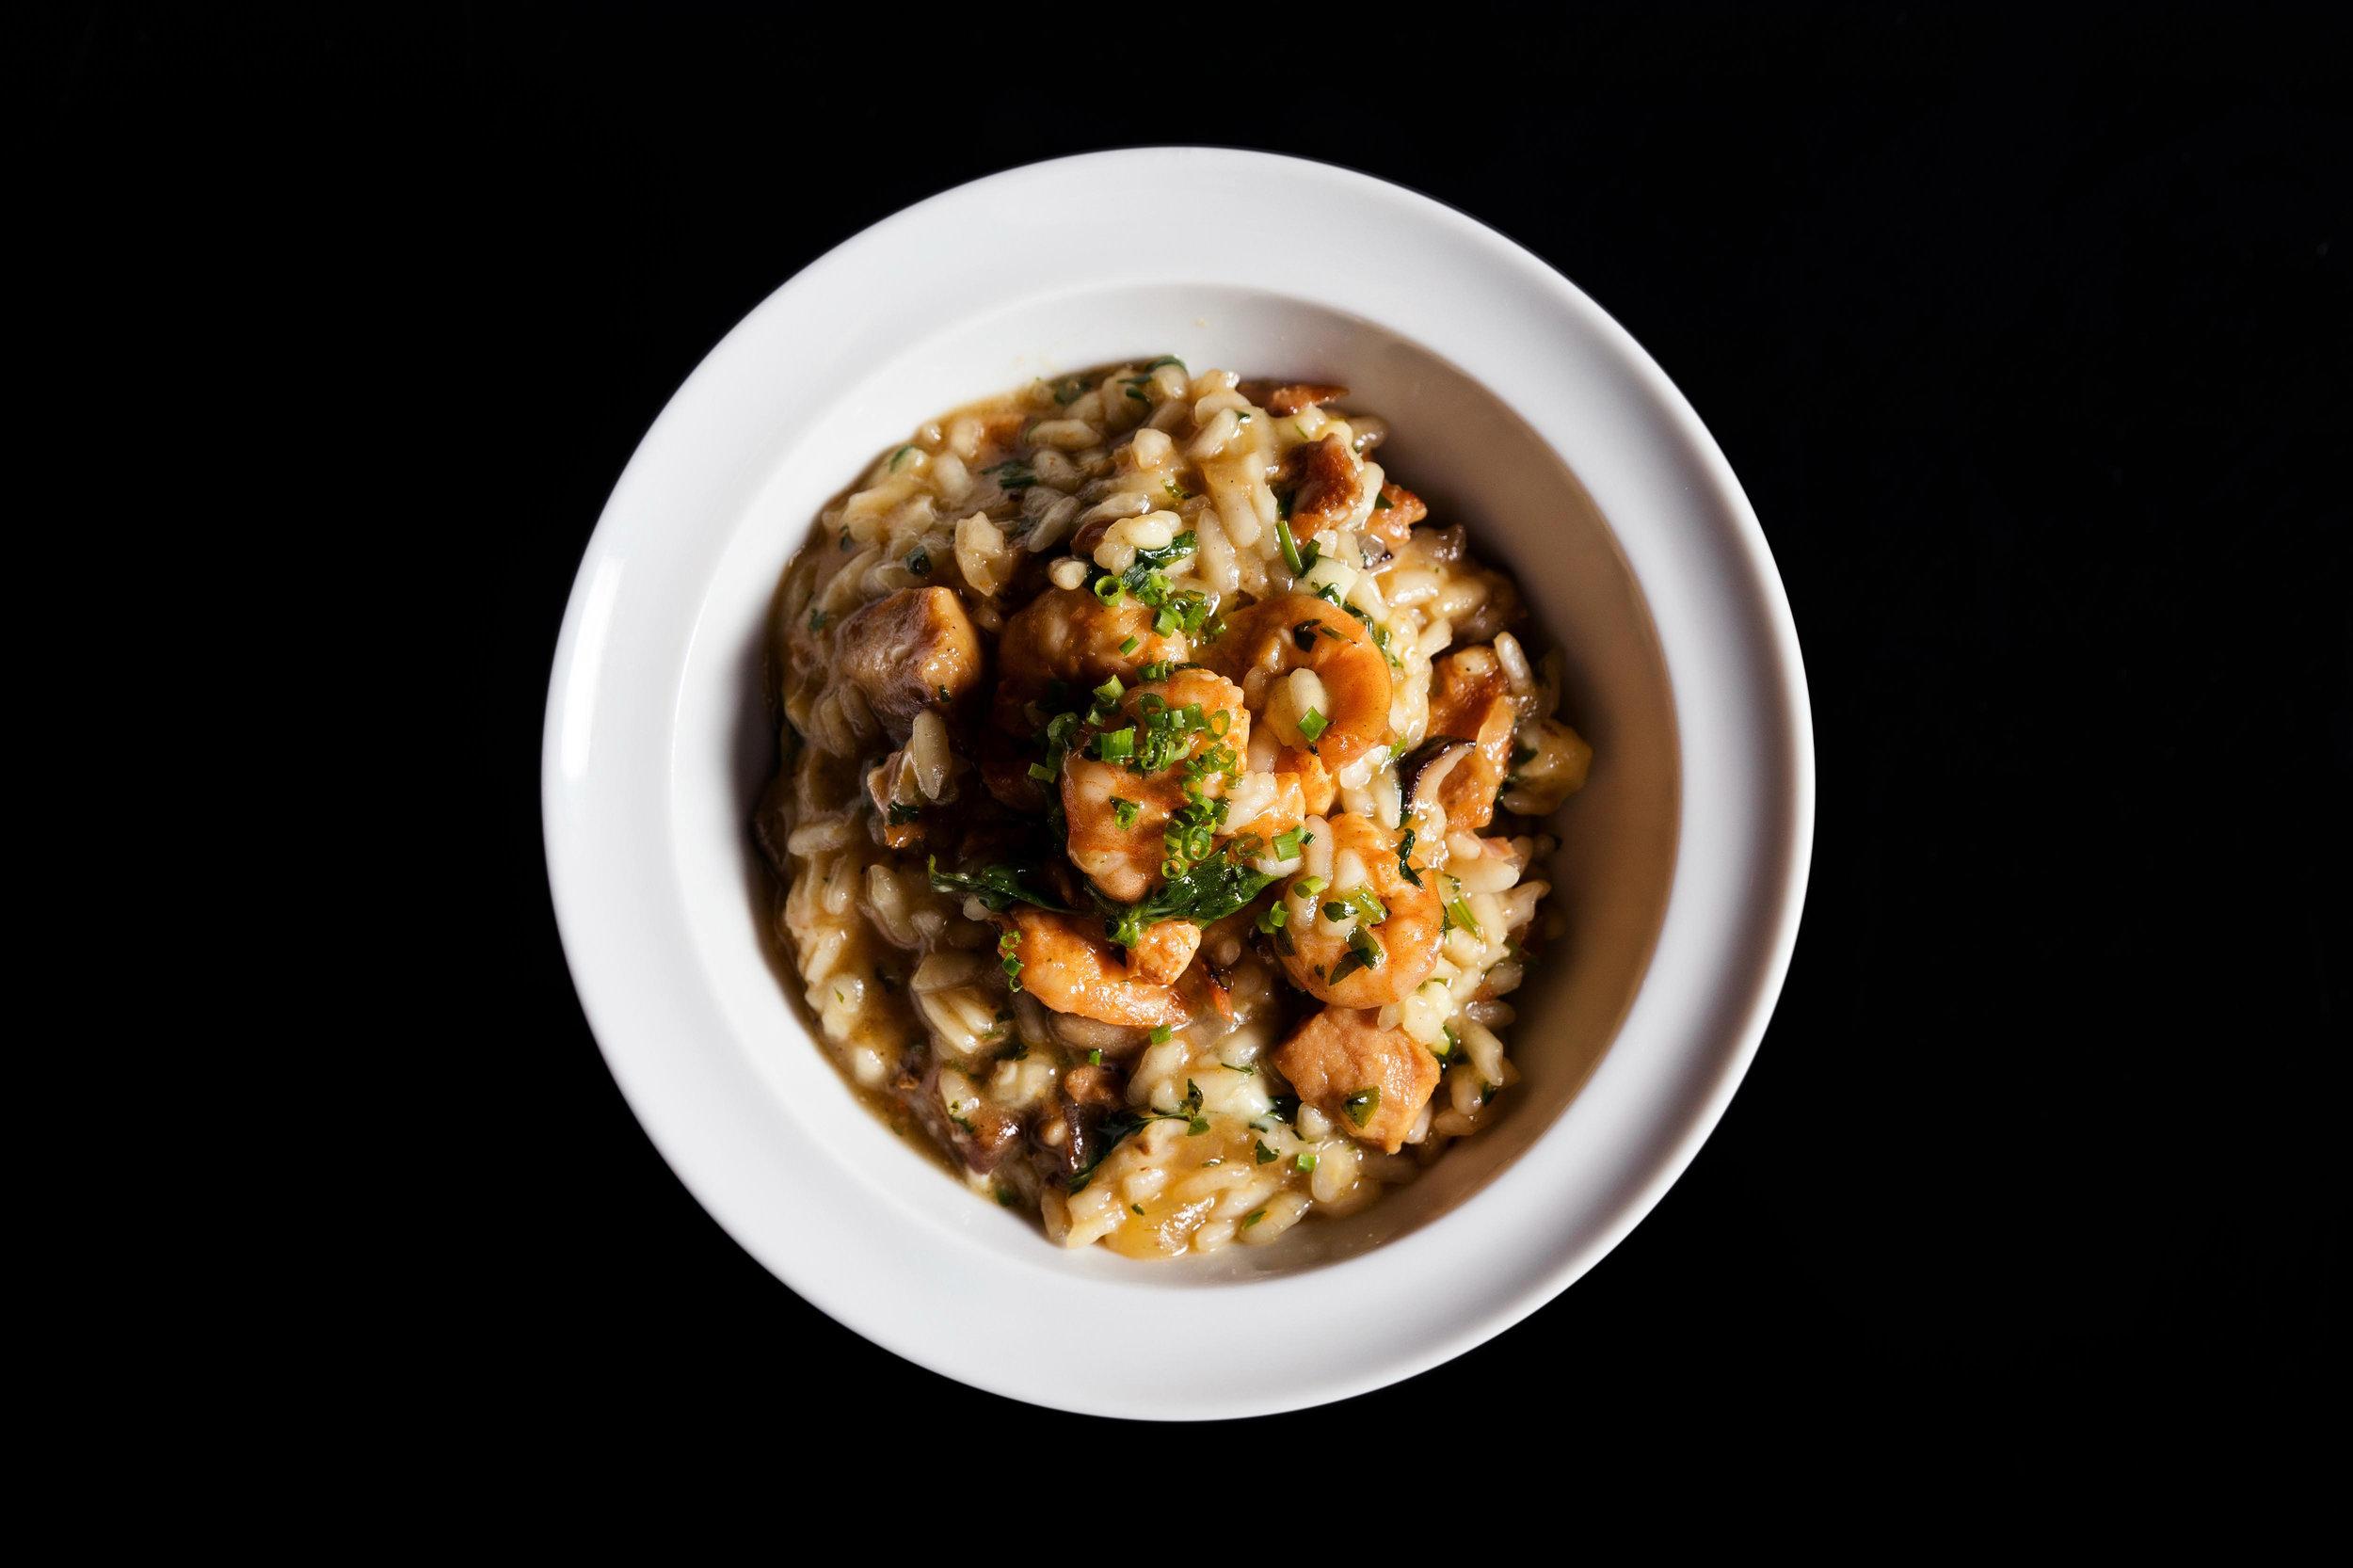 Mini arroz bomba com camarão e porco - Rubens Kato